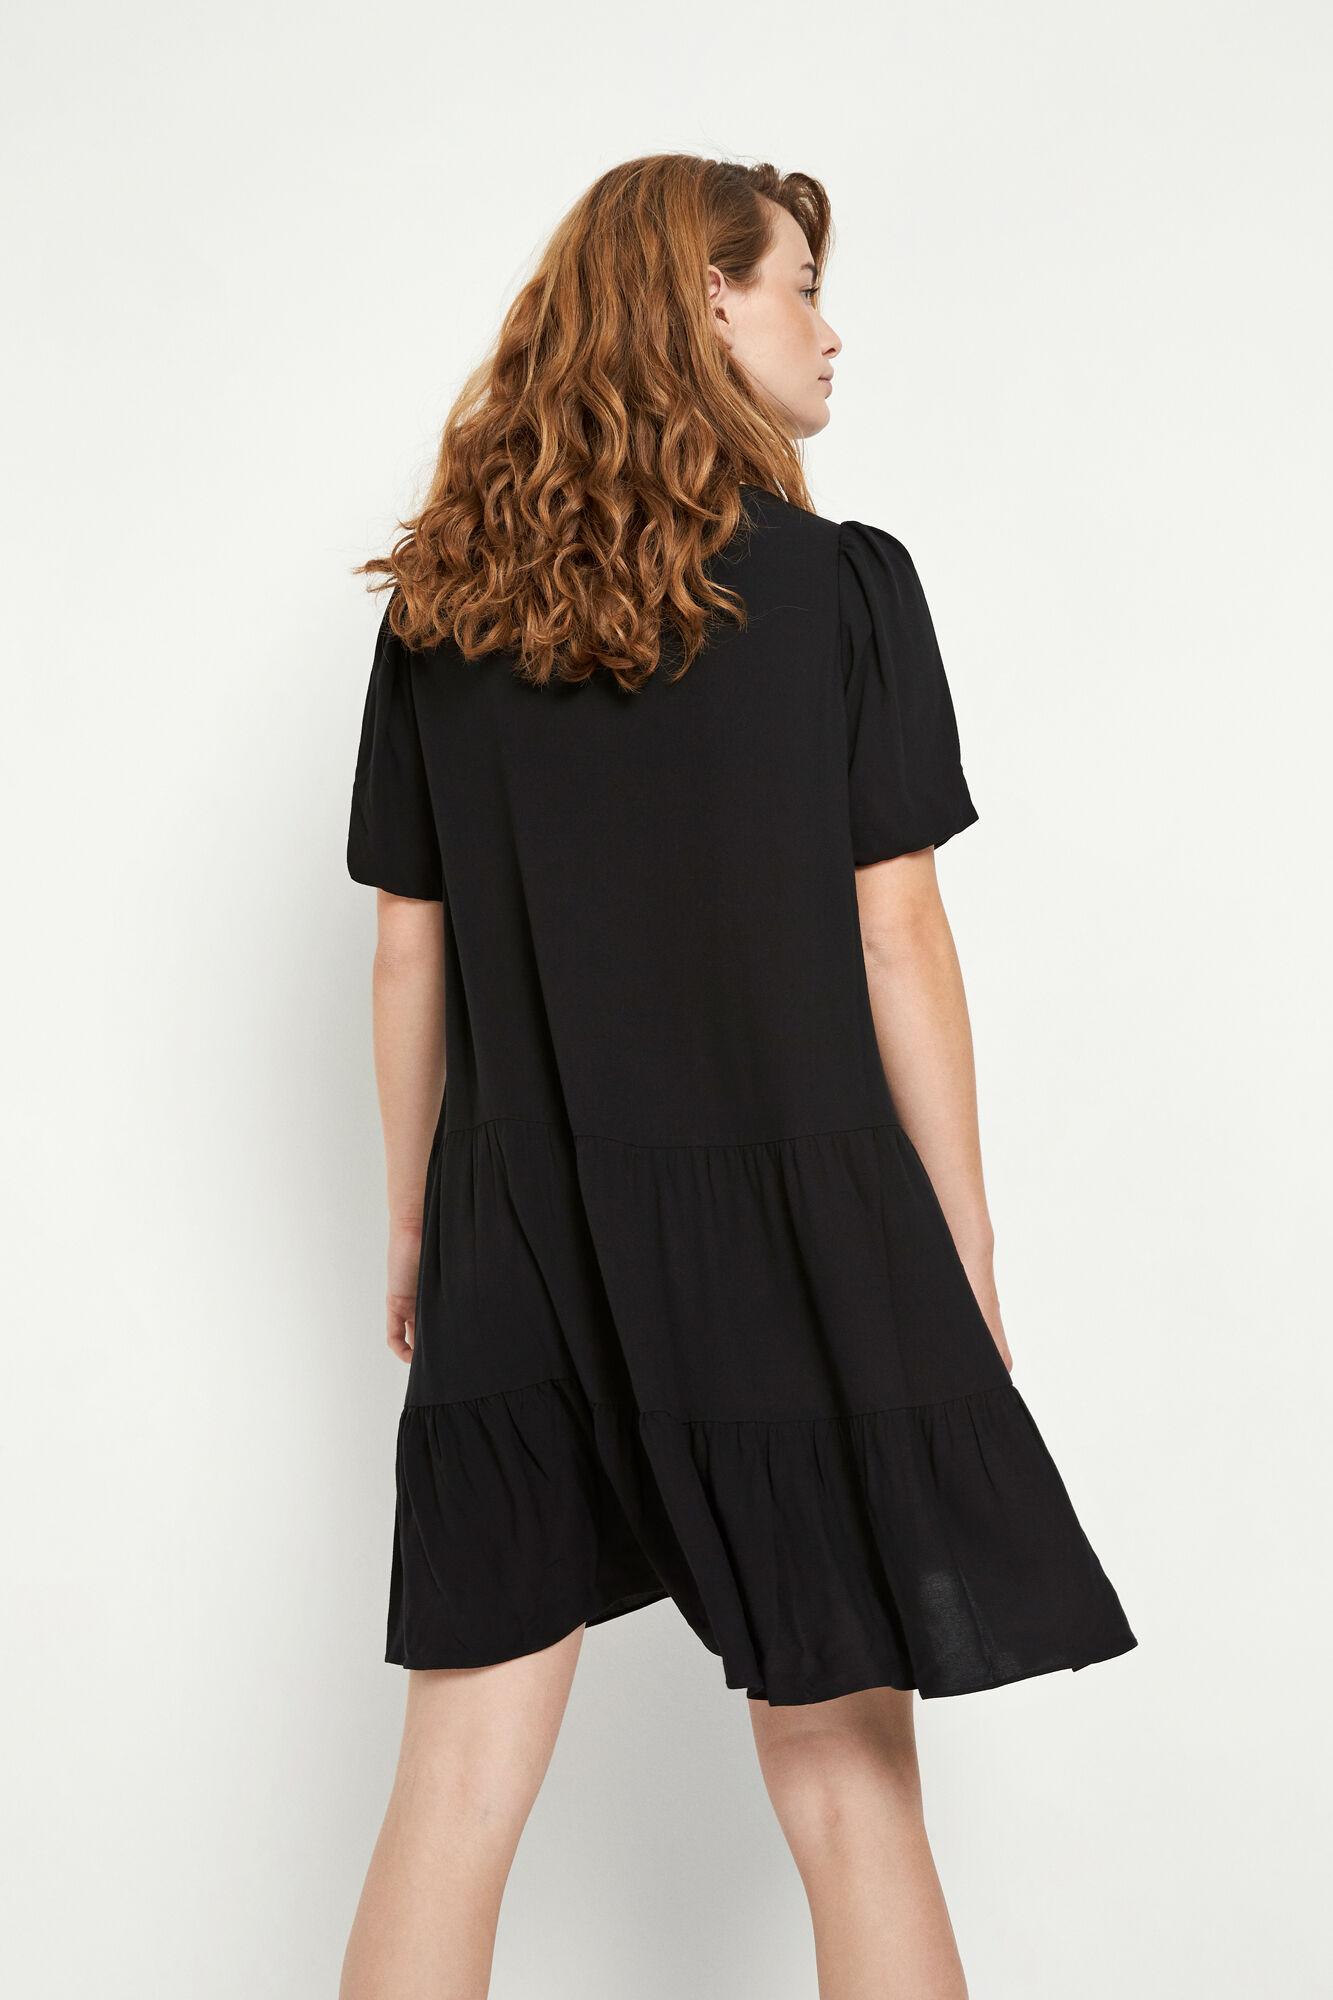 ENFIREBIRD SS DRESS 6736, BLACK